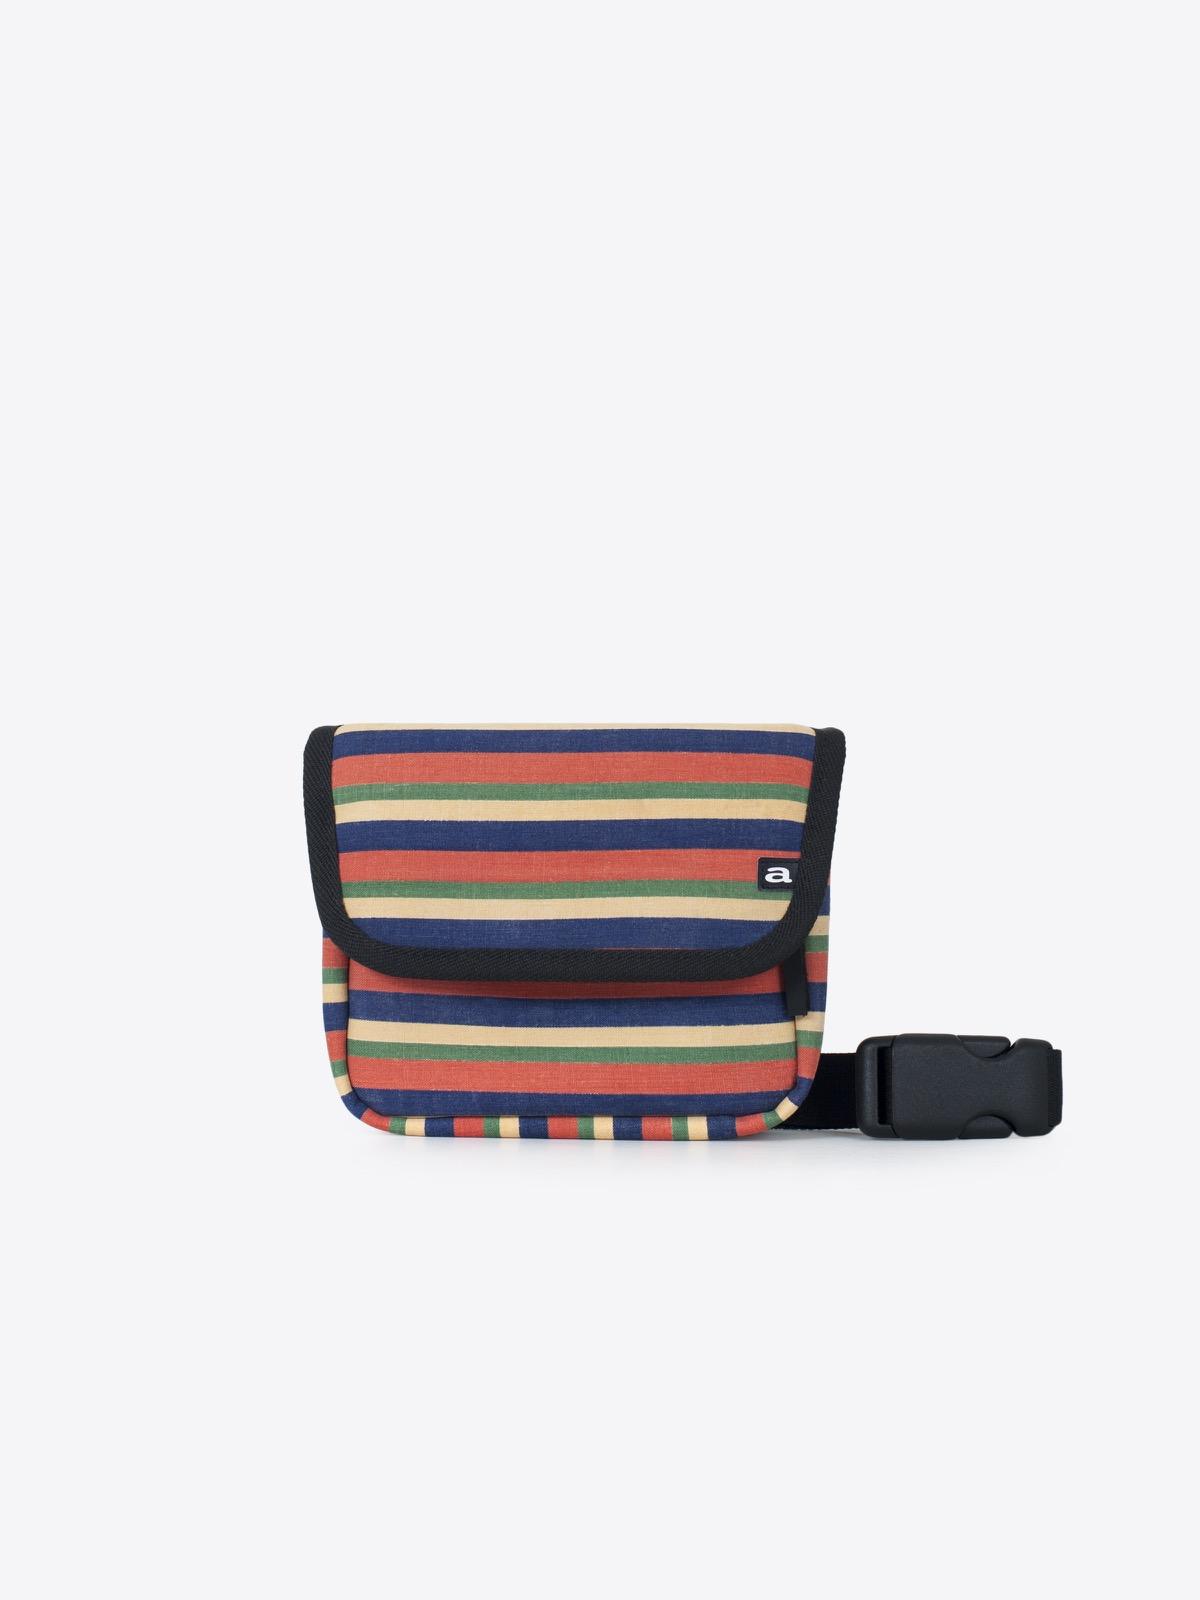 airbag craftworks zip | 178